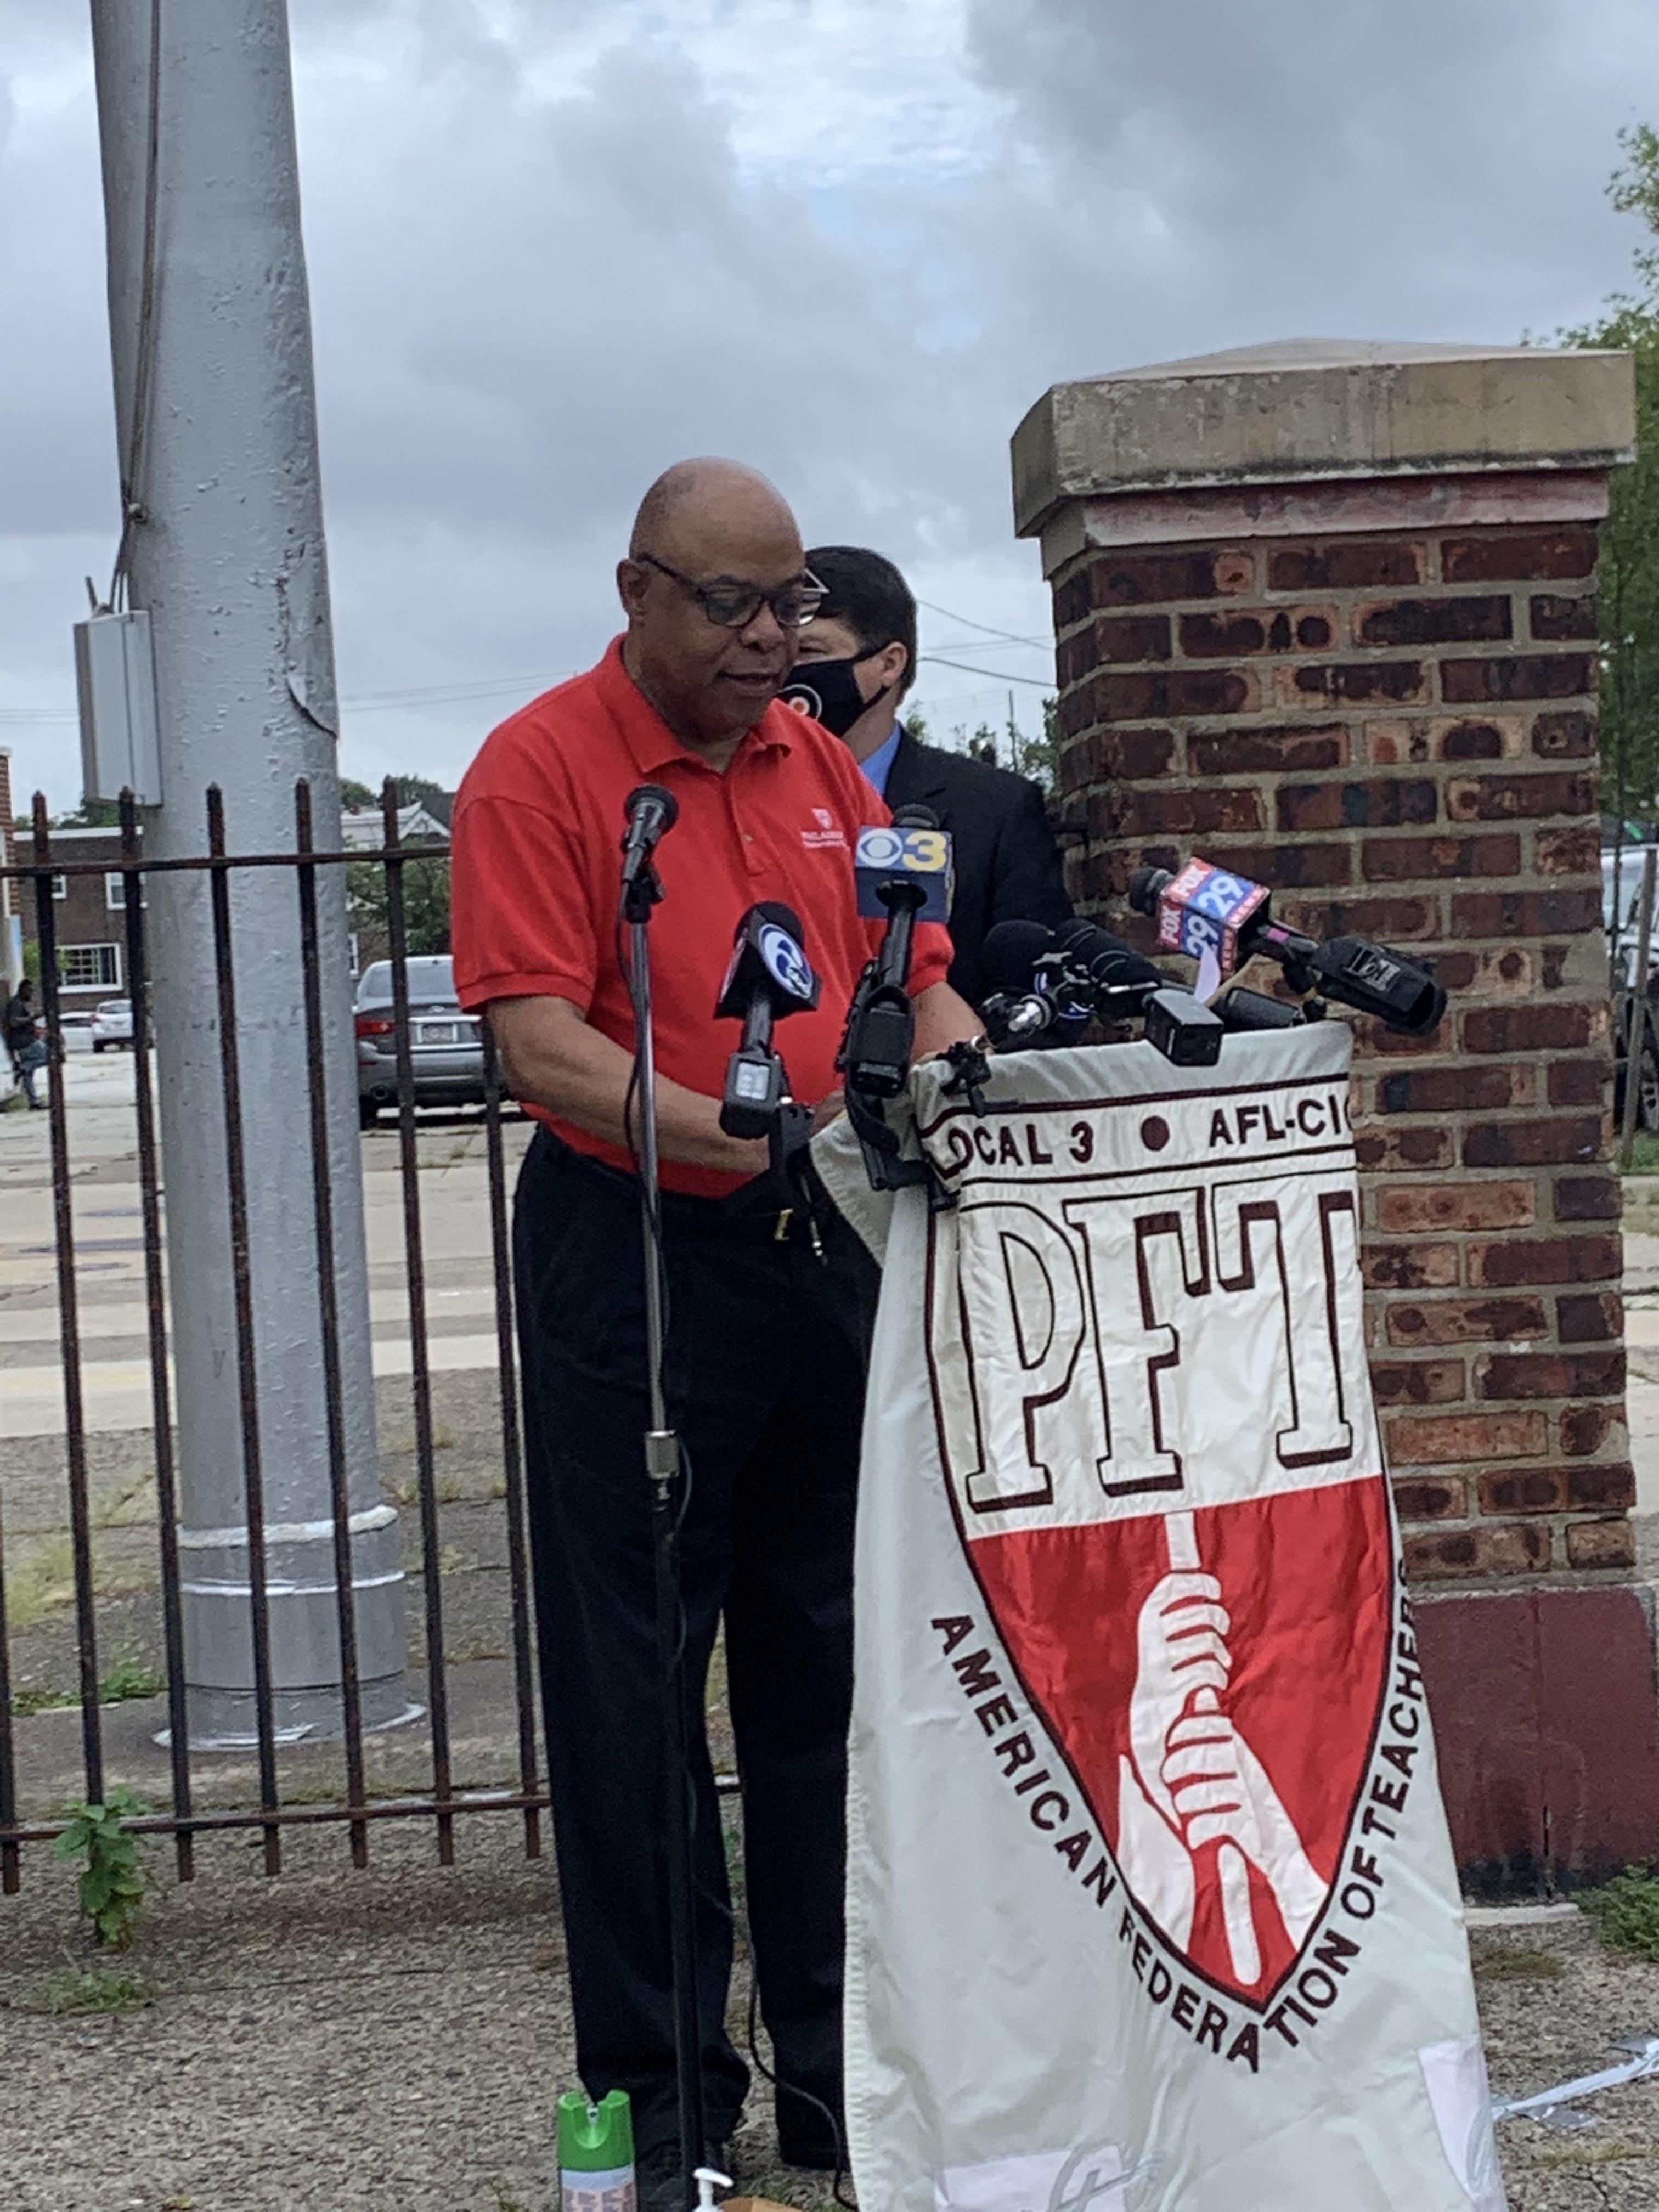 Jerry Jordan speaking at a podium.